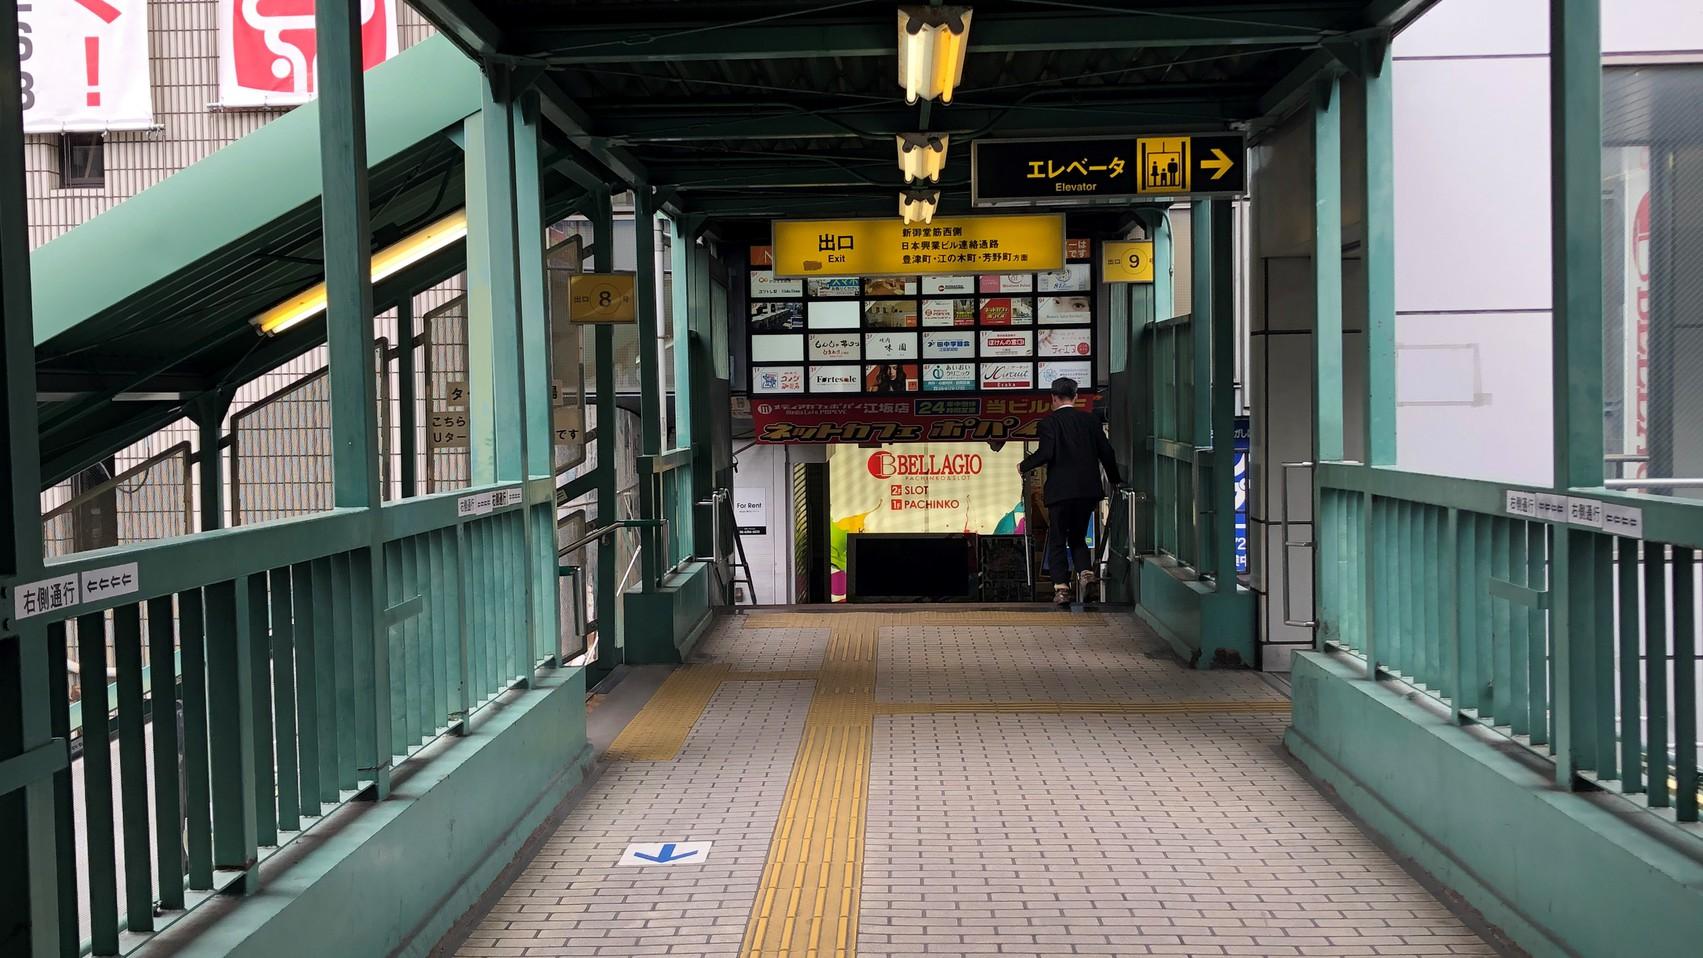 【道順(5)】直進すると右側に9番出口が見えます。わかりづらいので注意してください。